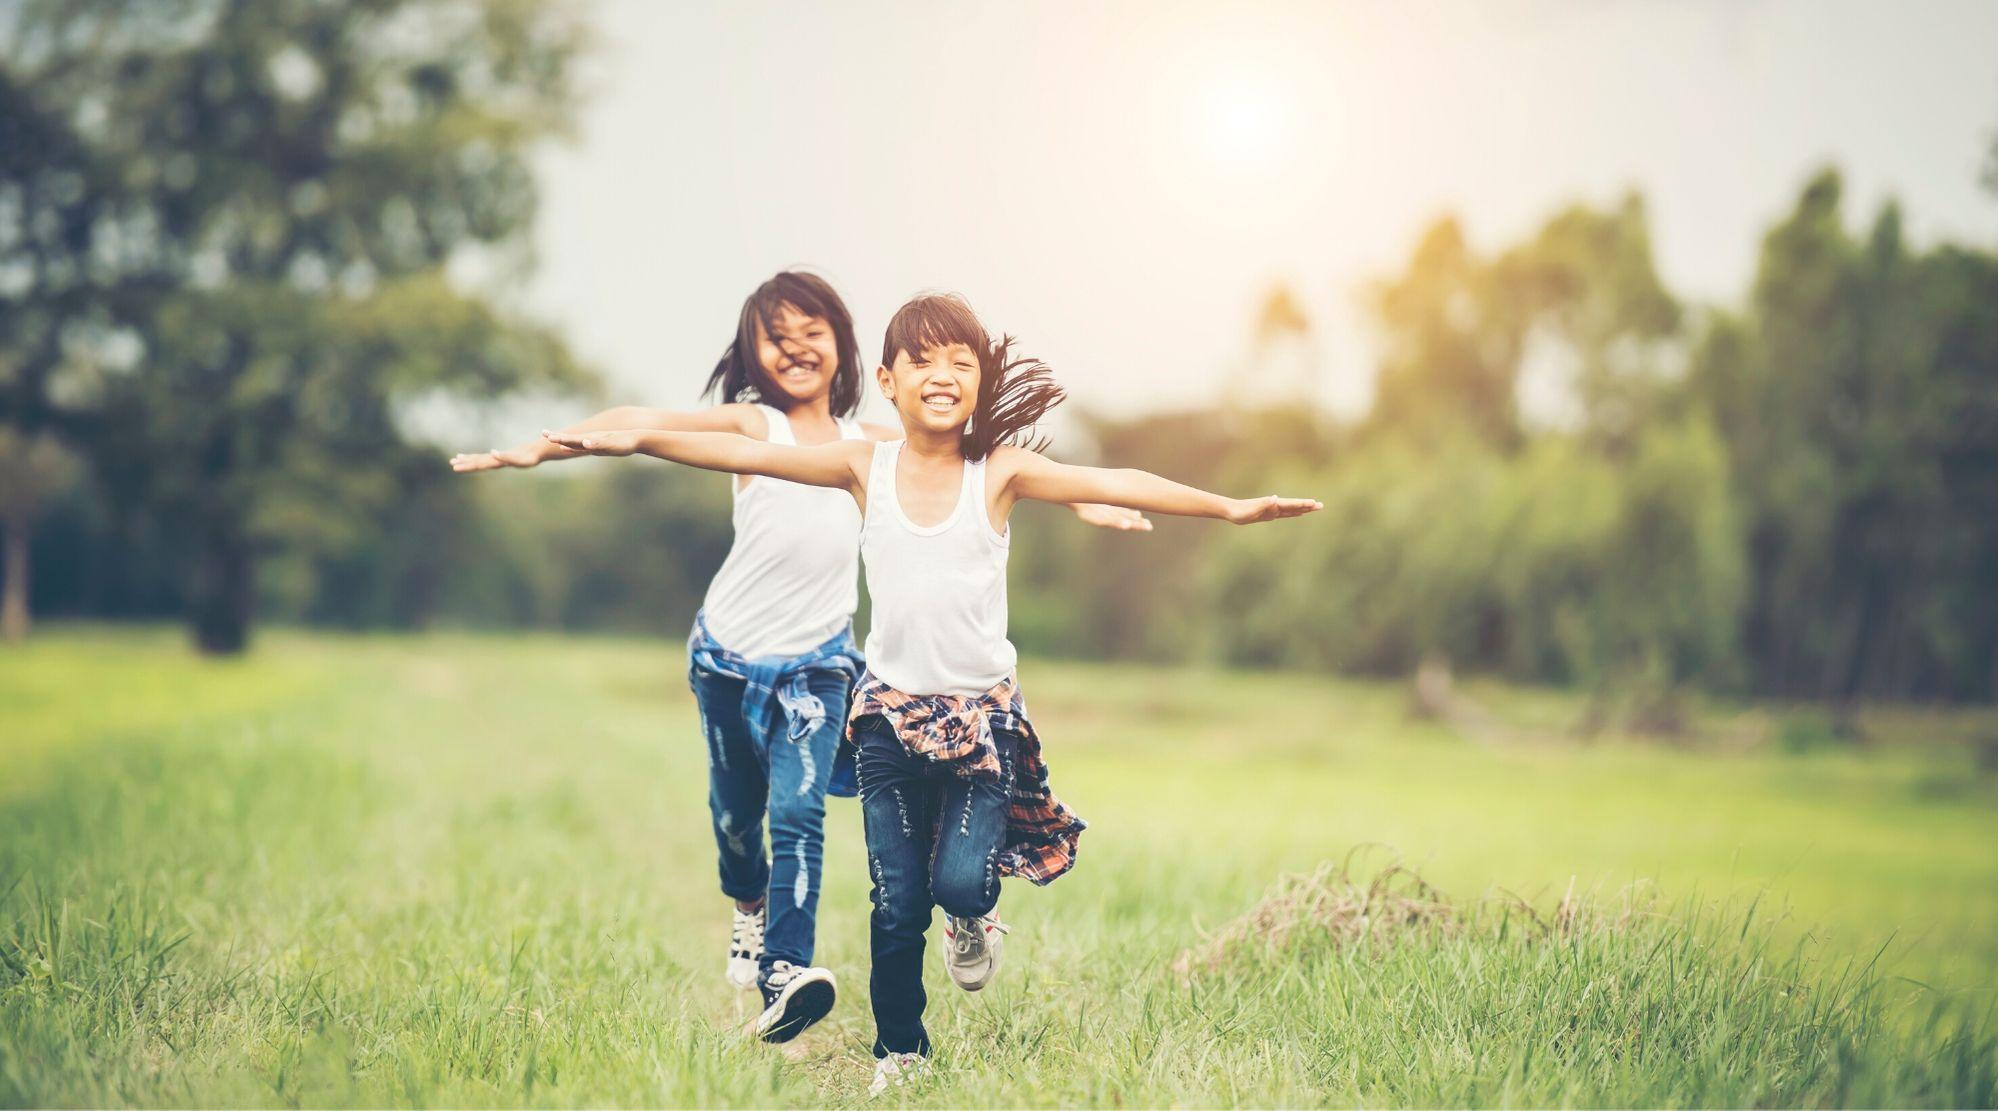 Imagem de duas crianças correndo ao ar livre. Elas estão sorrindo, de braços abertos ao redor de um campo com árvores ao fundo. Ambas as meninas têm traços asiáticos, vestem regata branca, calça jeans e blusa xadrez amarrada na cintura.